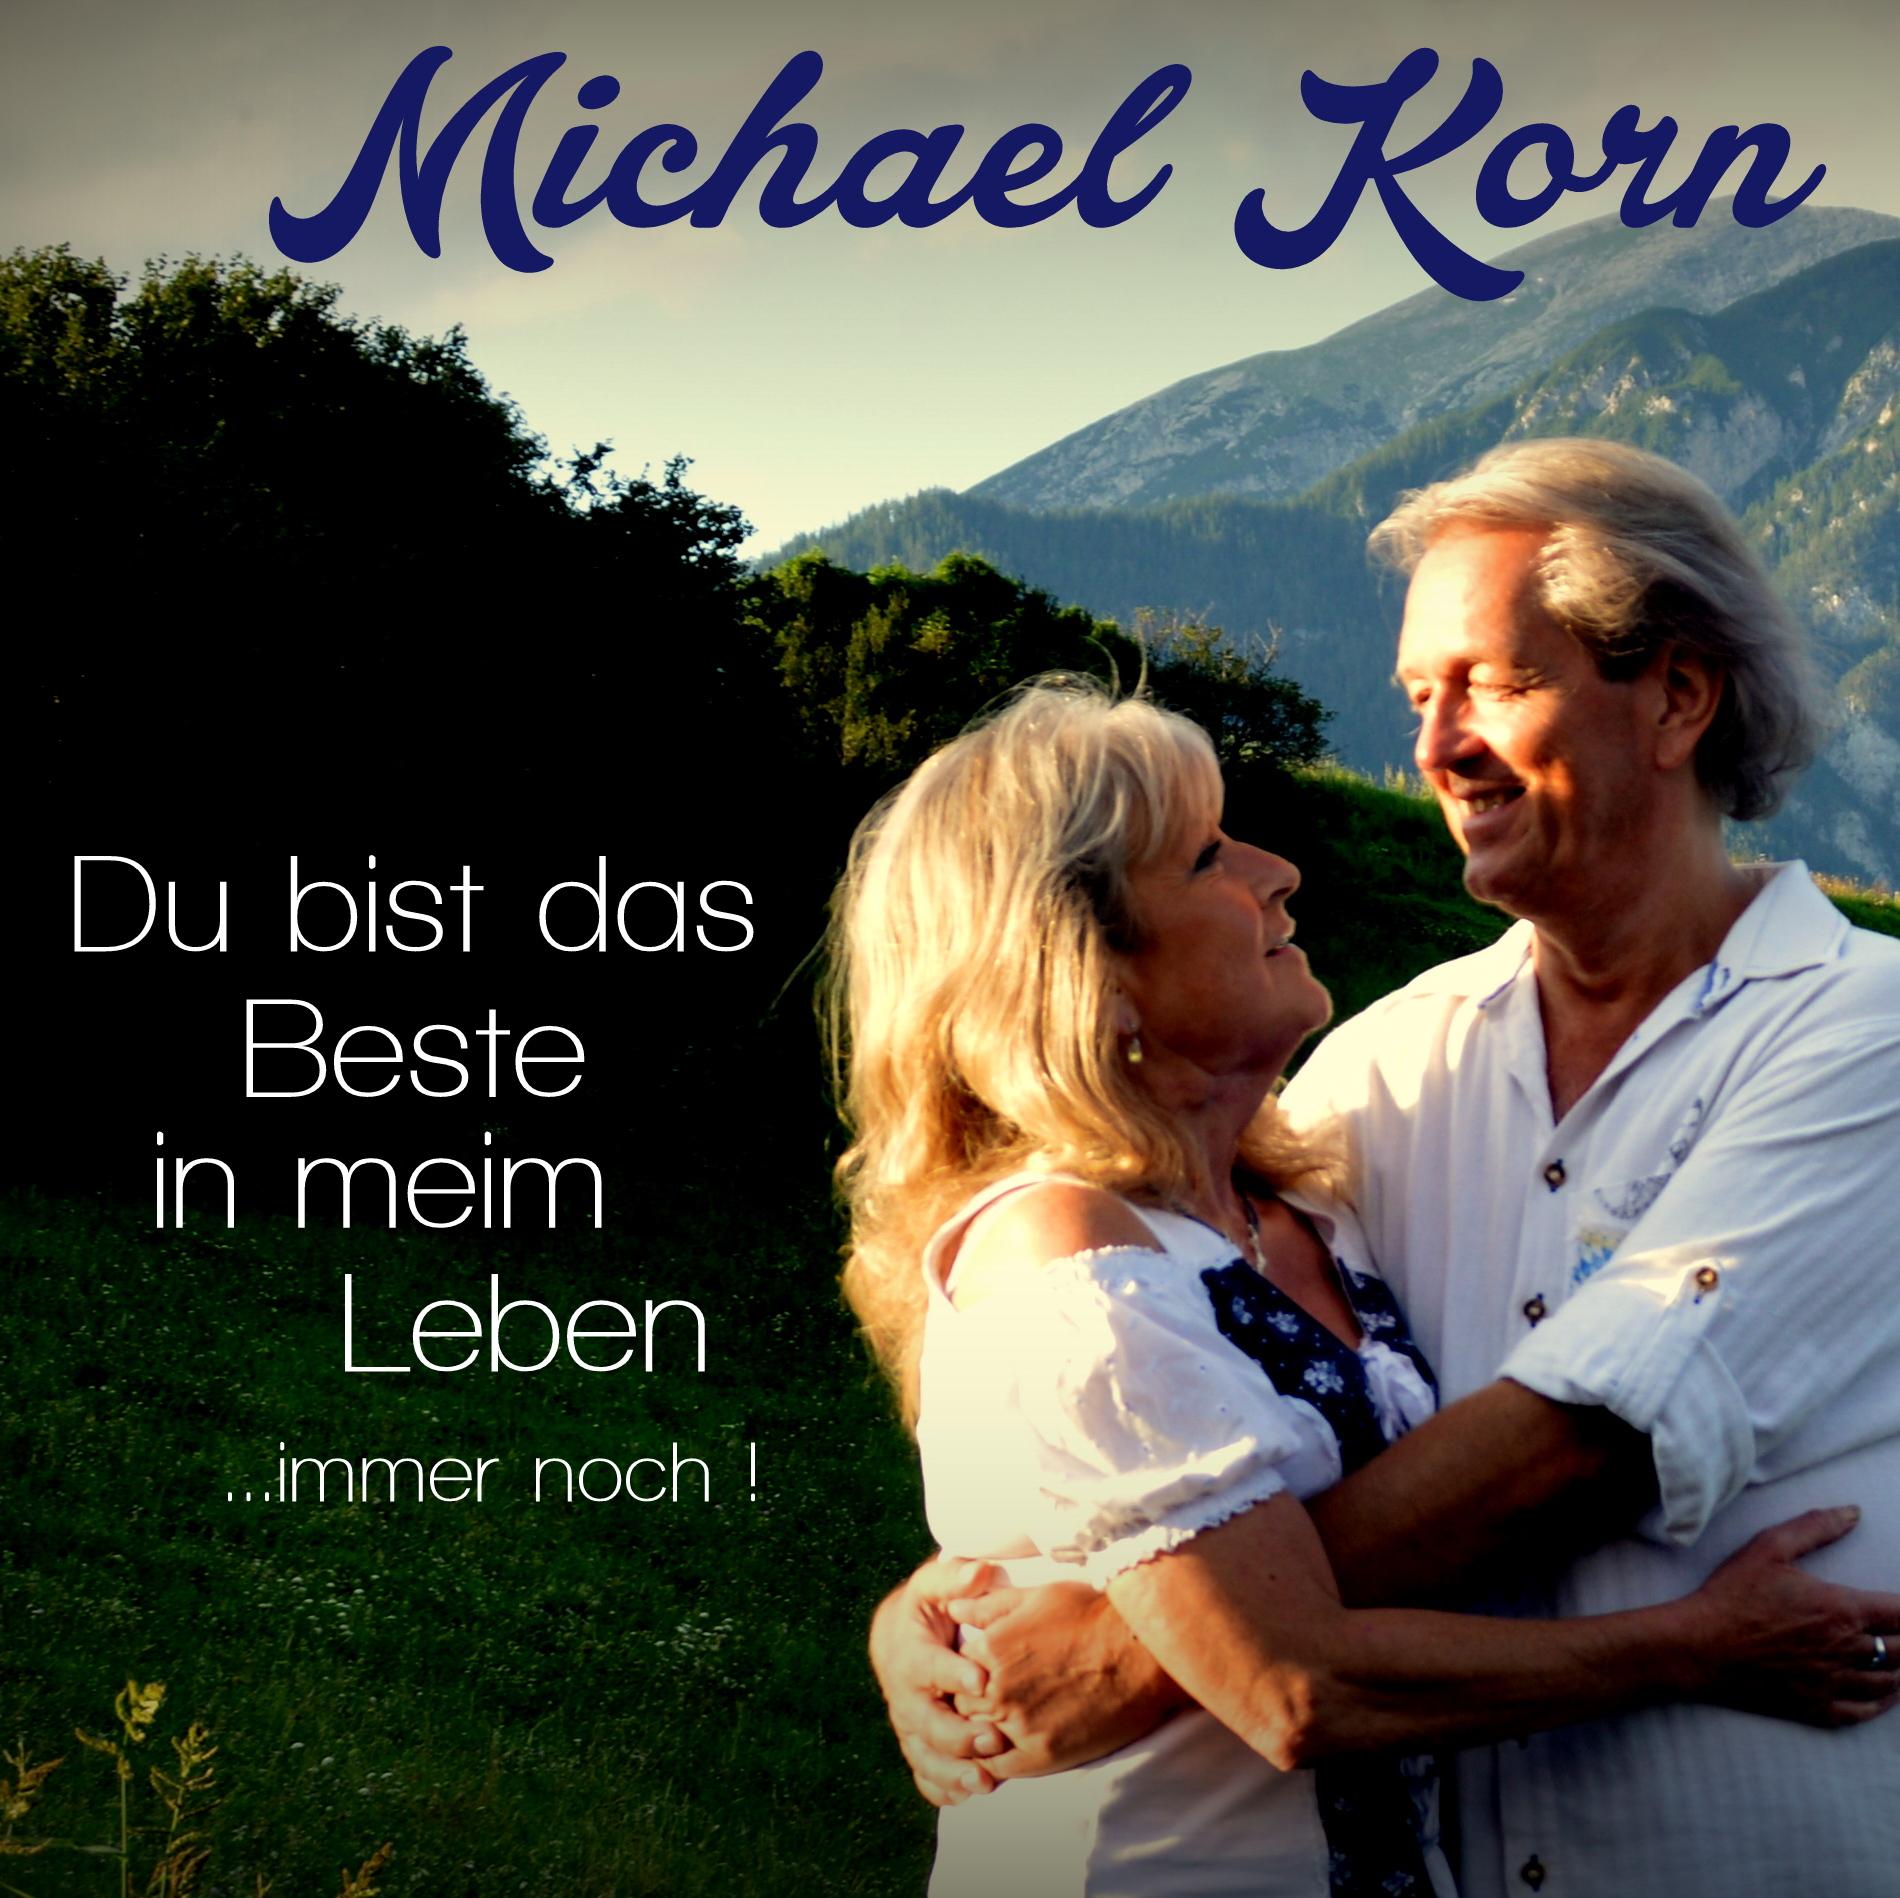 MICHAEL KORN Du bist das Beste_immer noch